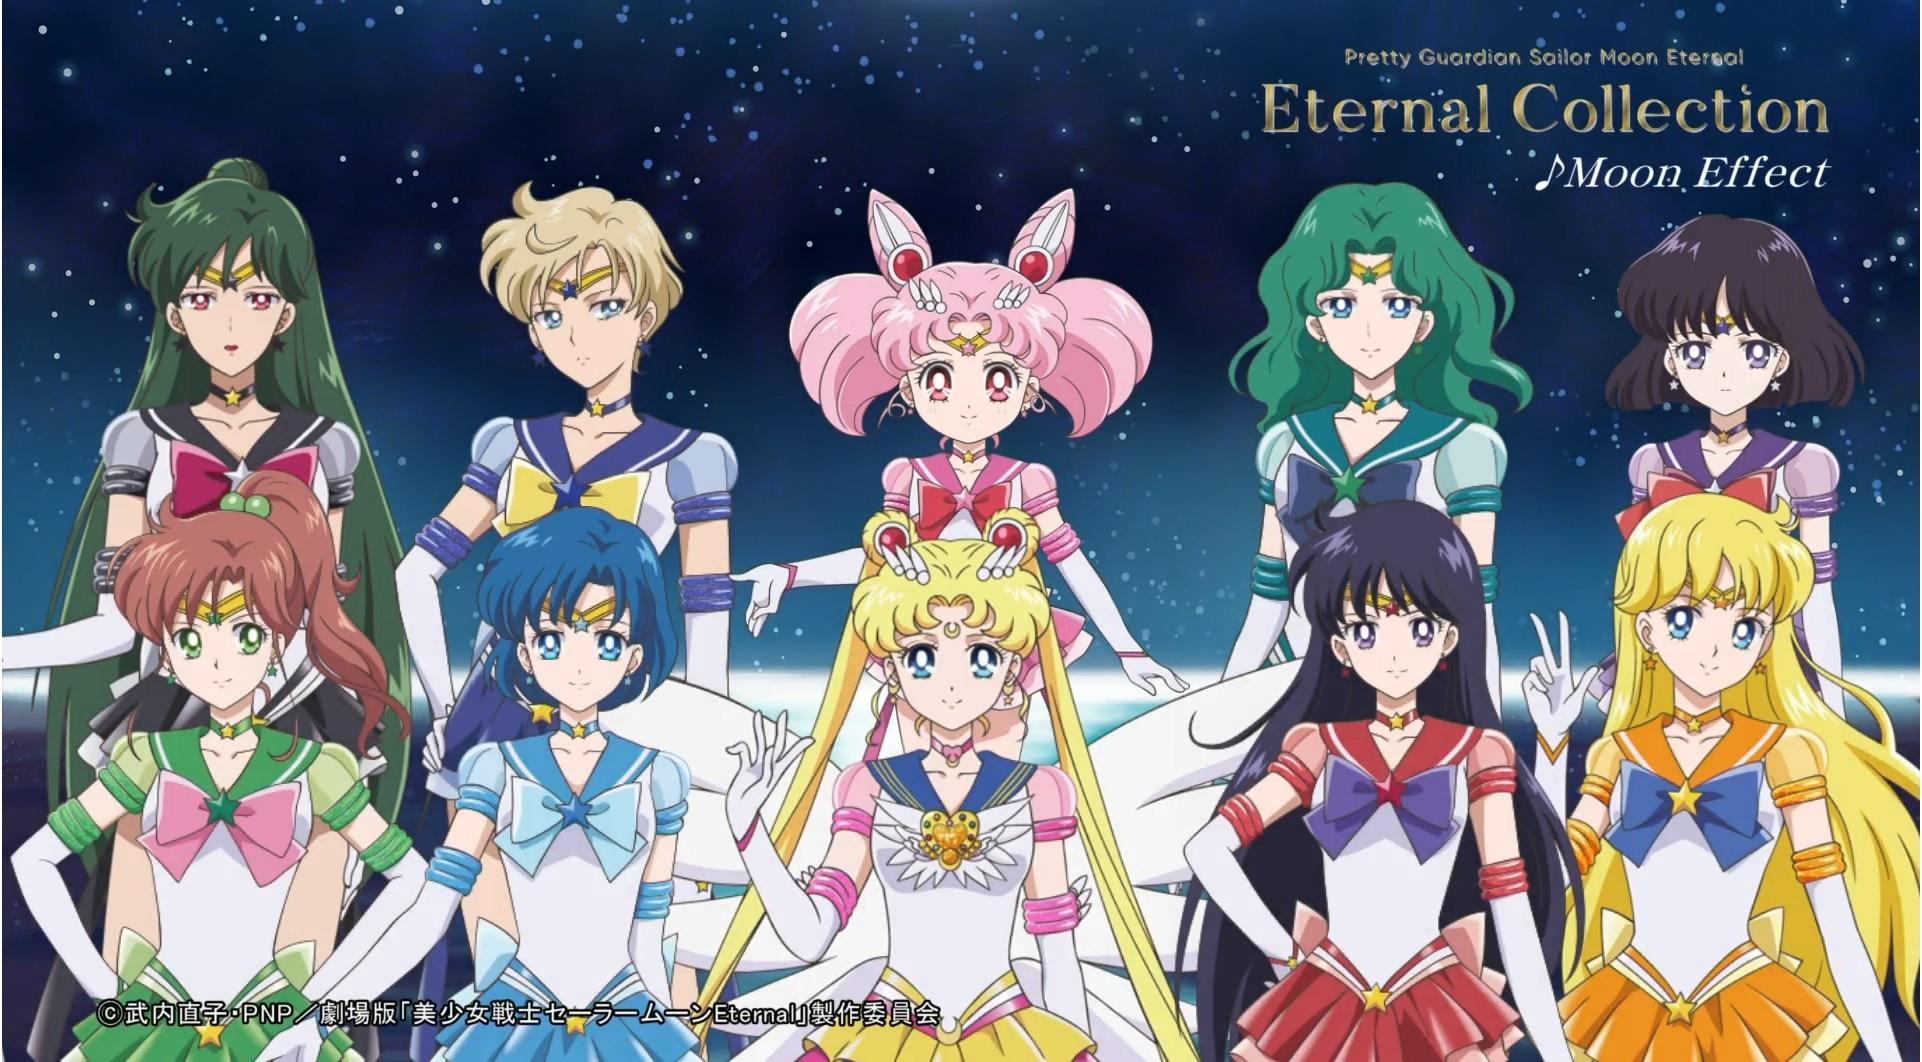 劇場版「セーラームーン」キャラクターソング集の収録楽曲「Moon Effect」セーラー10戦士の歌い分け映像公開!